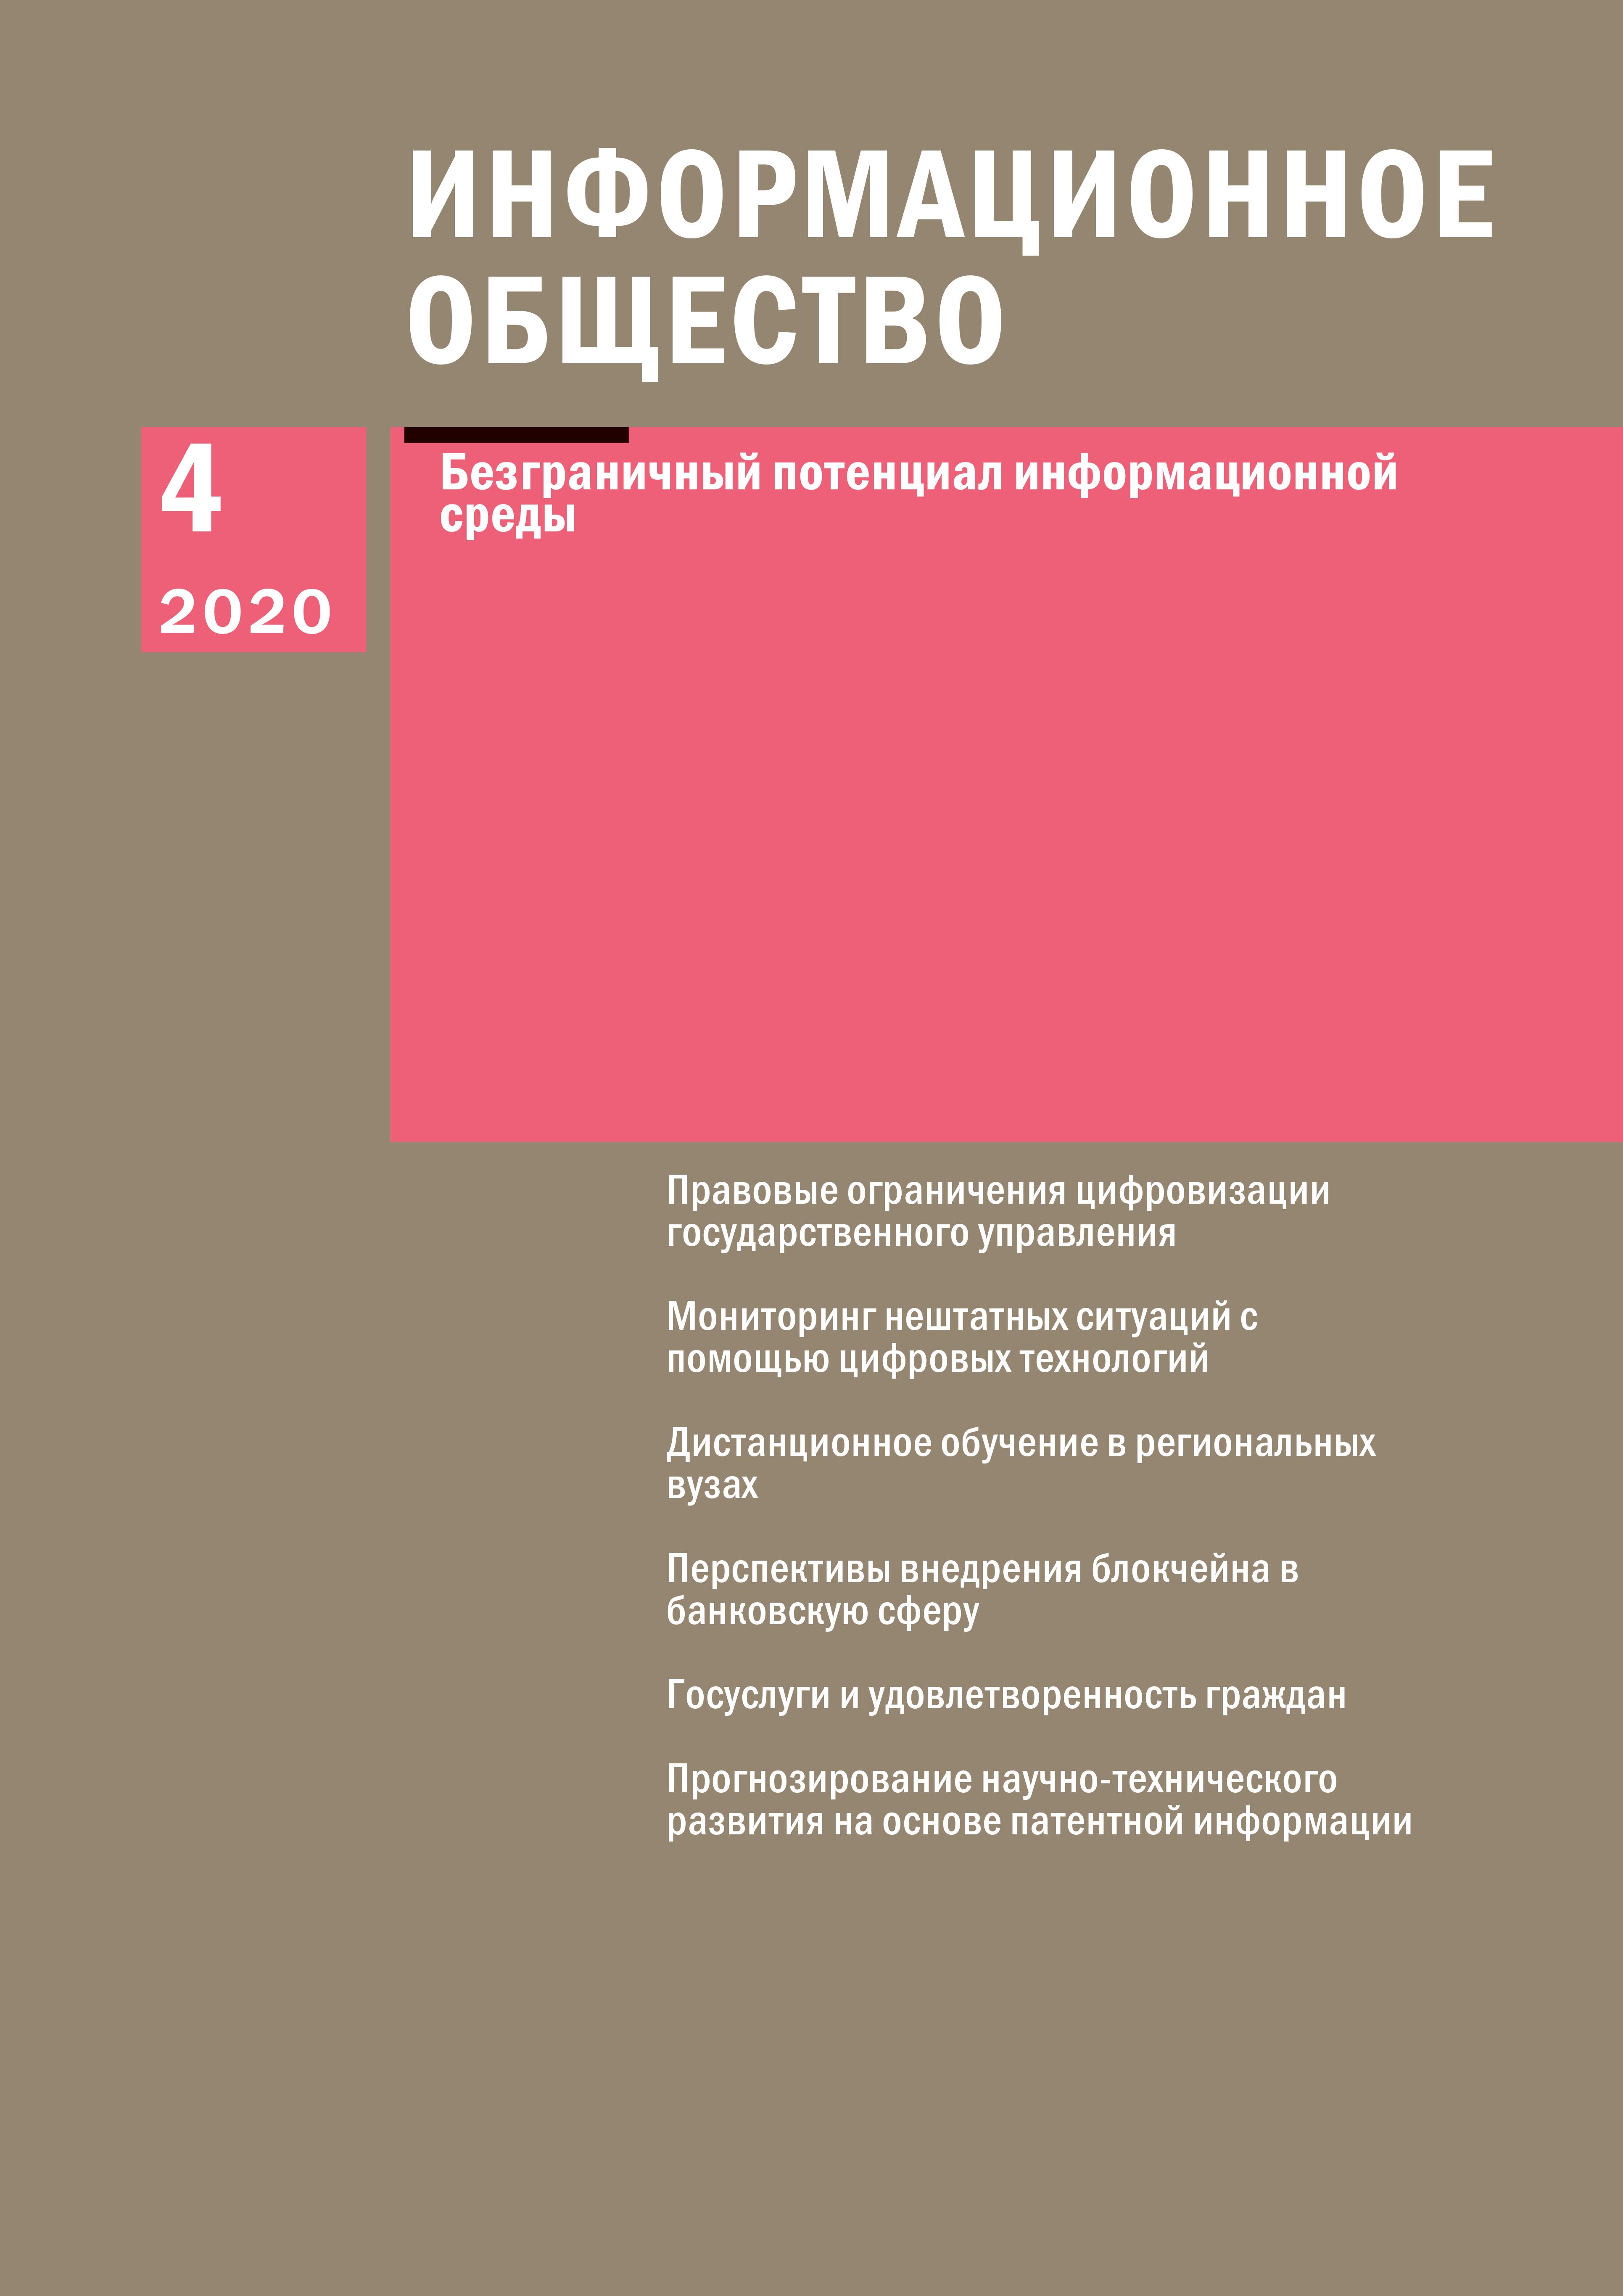 Журнал Информационное общество, 2020, выпуск 4